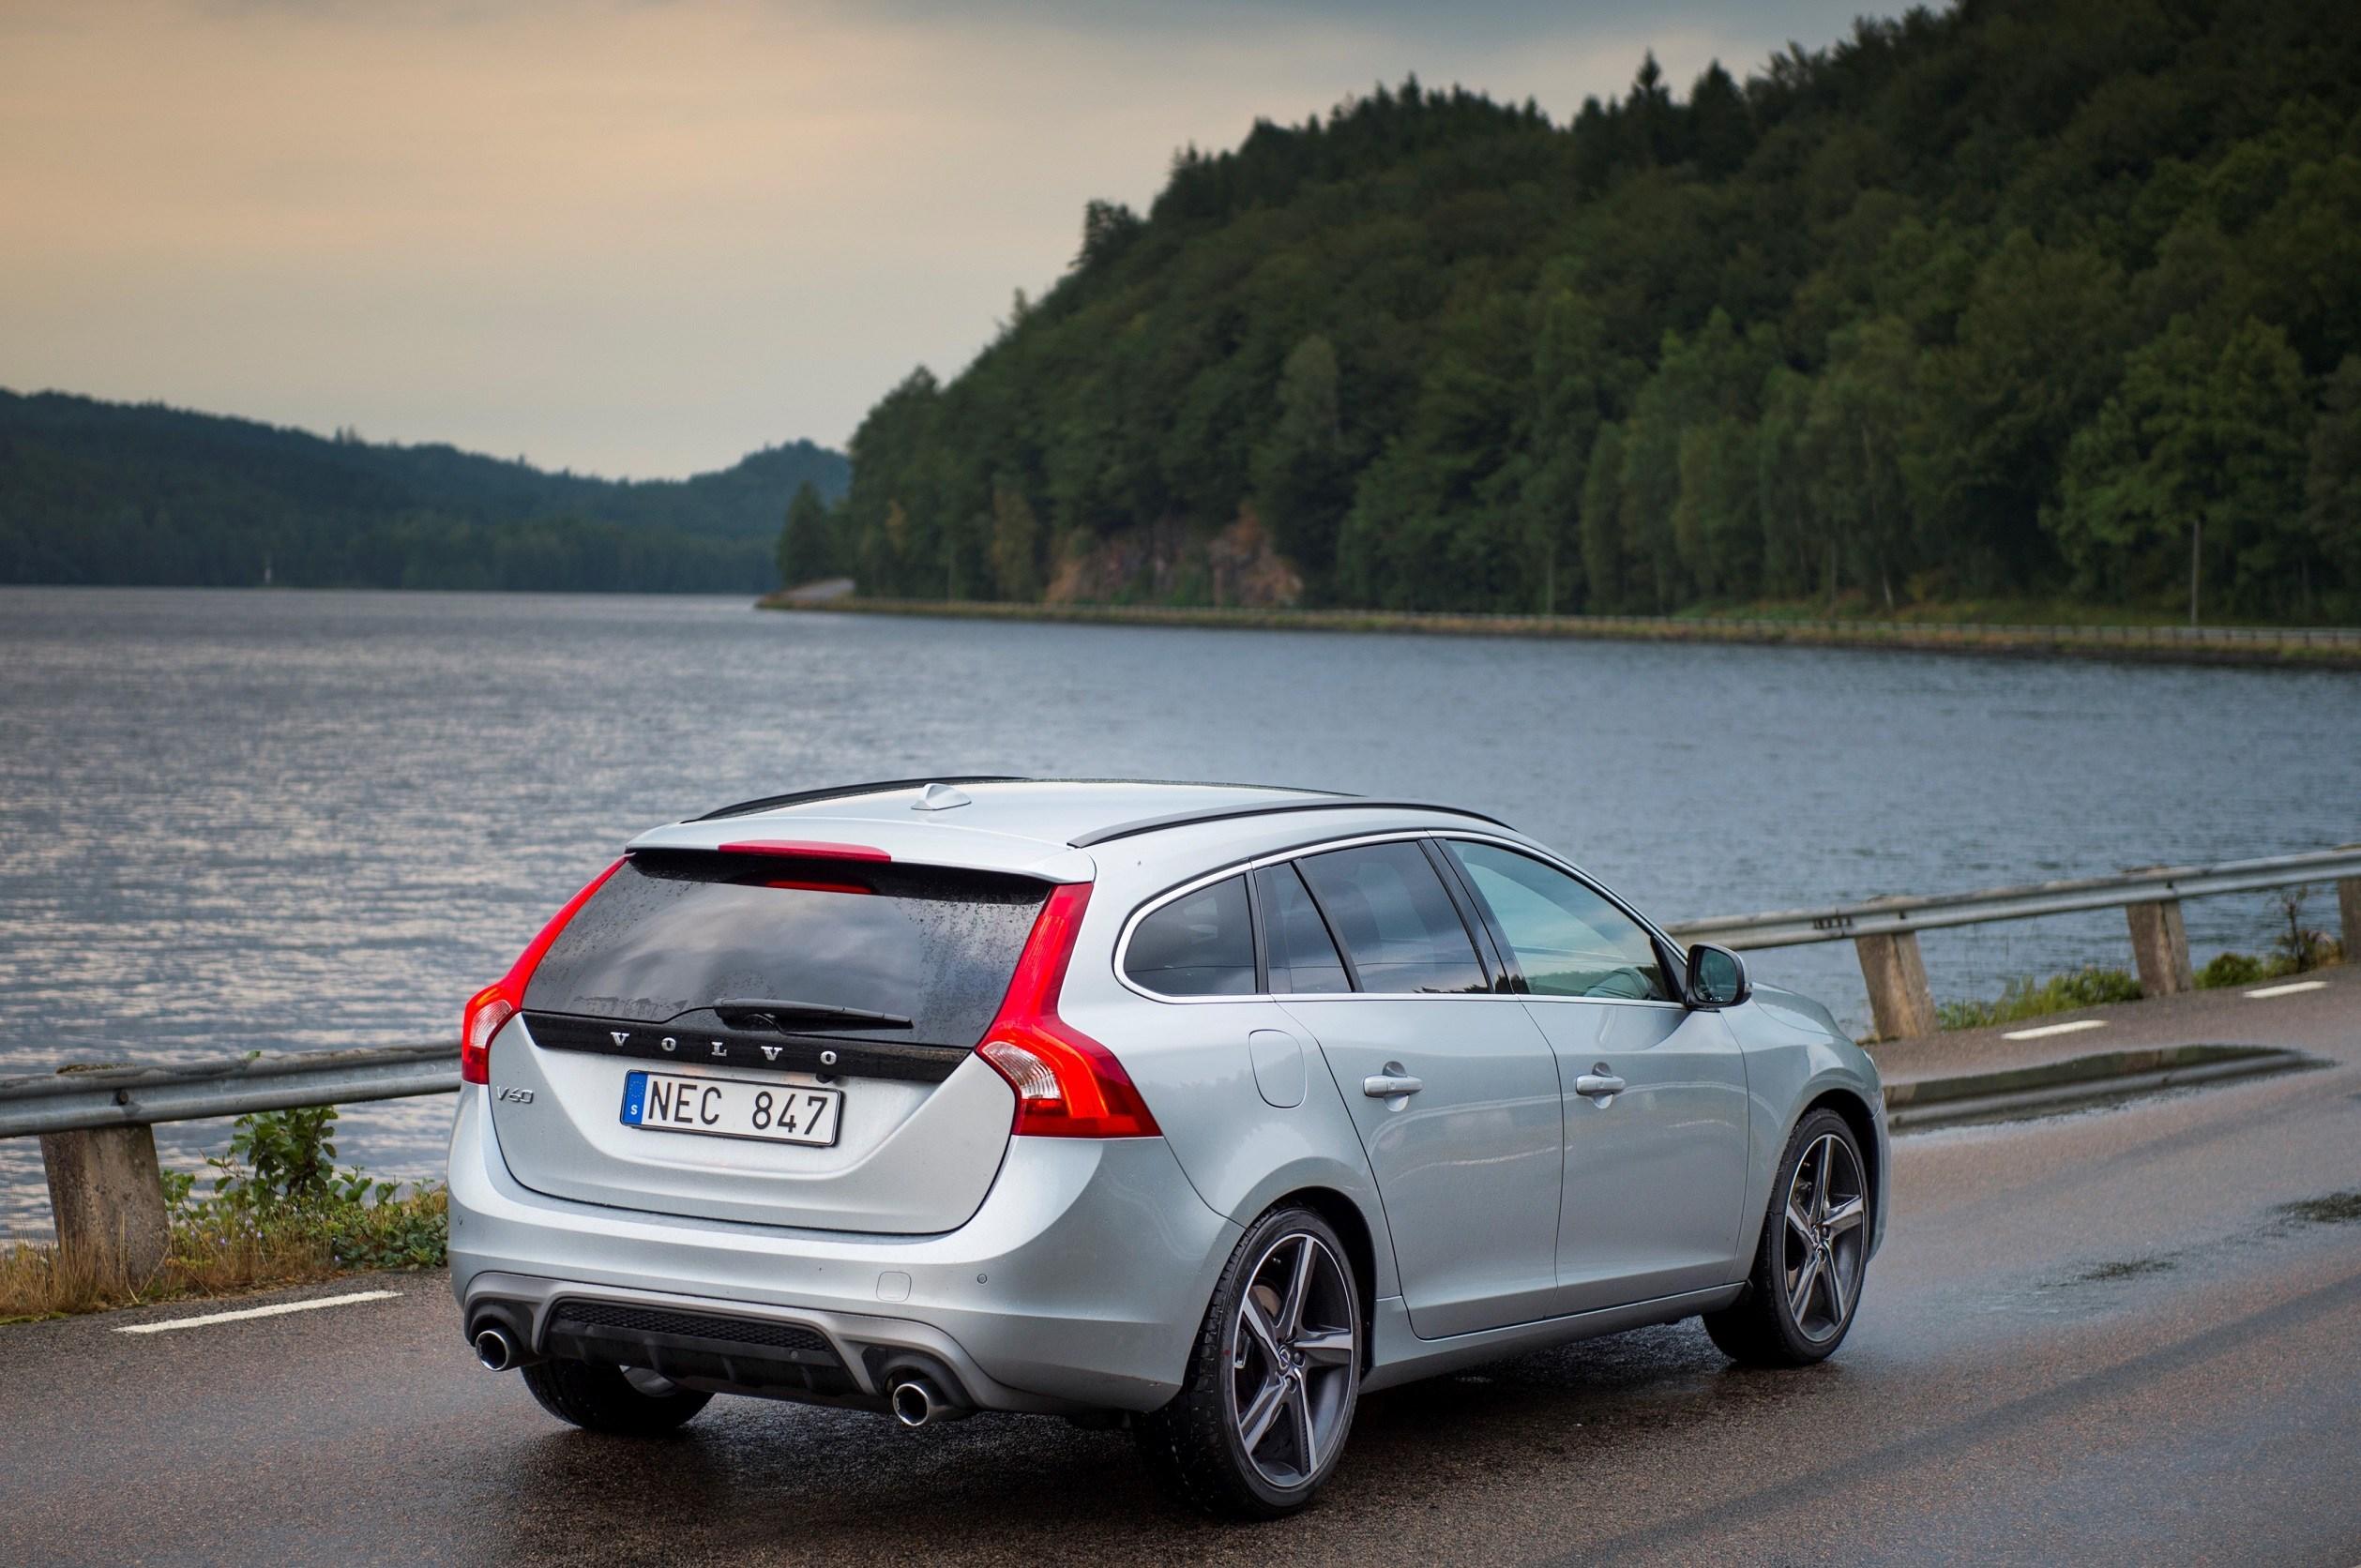 Τα Volvo S60 και V60 πιο ελκυστικά από ποτέ-Μεγάλη ευκαιρία έως τις 30 Ιουνίου